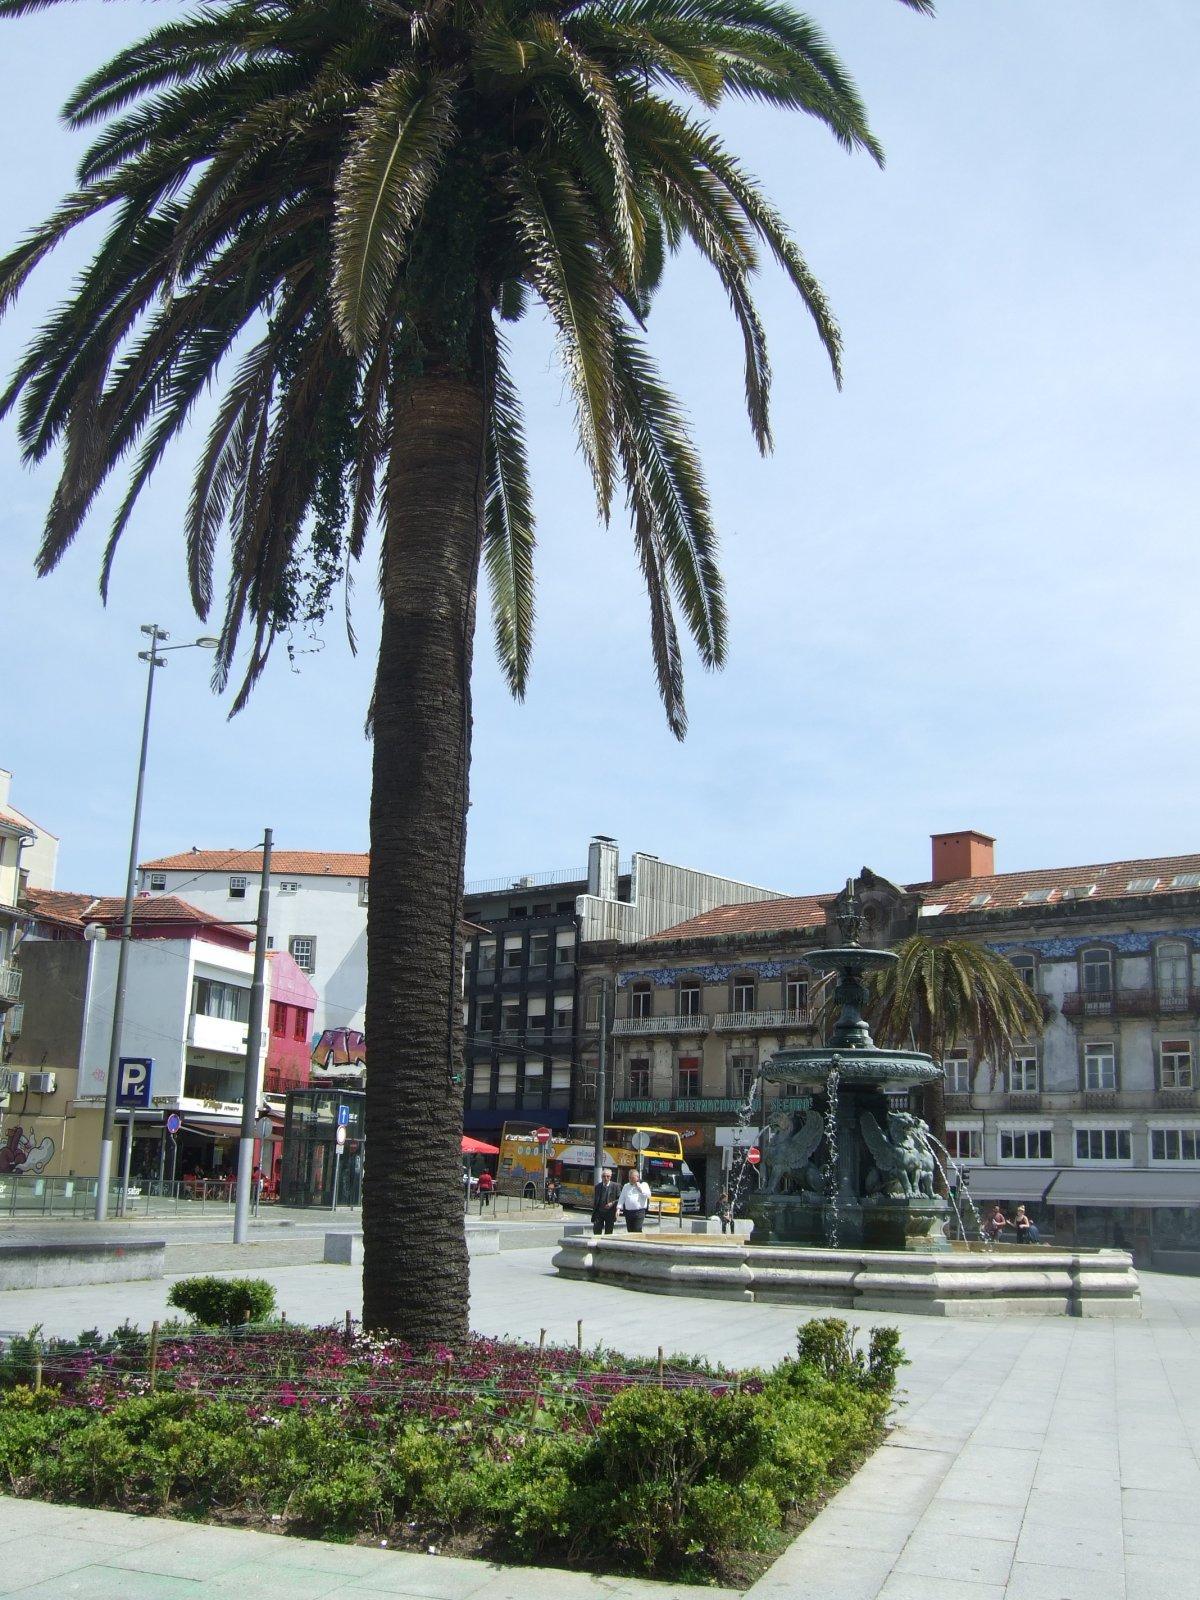 Порту. Колорит живописных кварталов.Старый город, живущий особенной жизнью